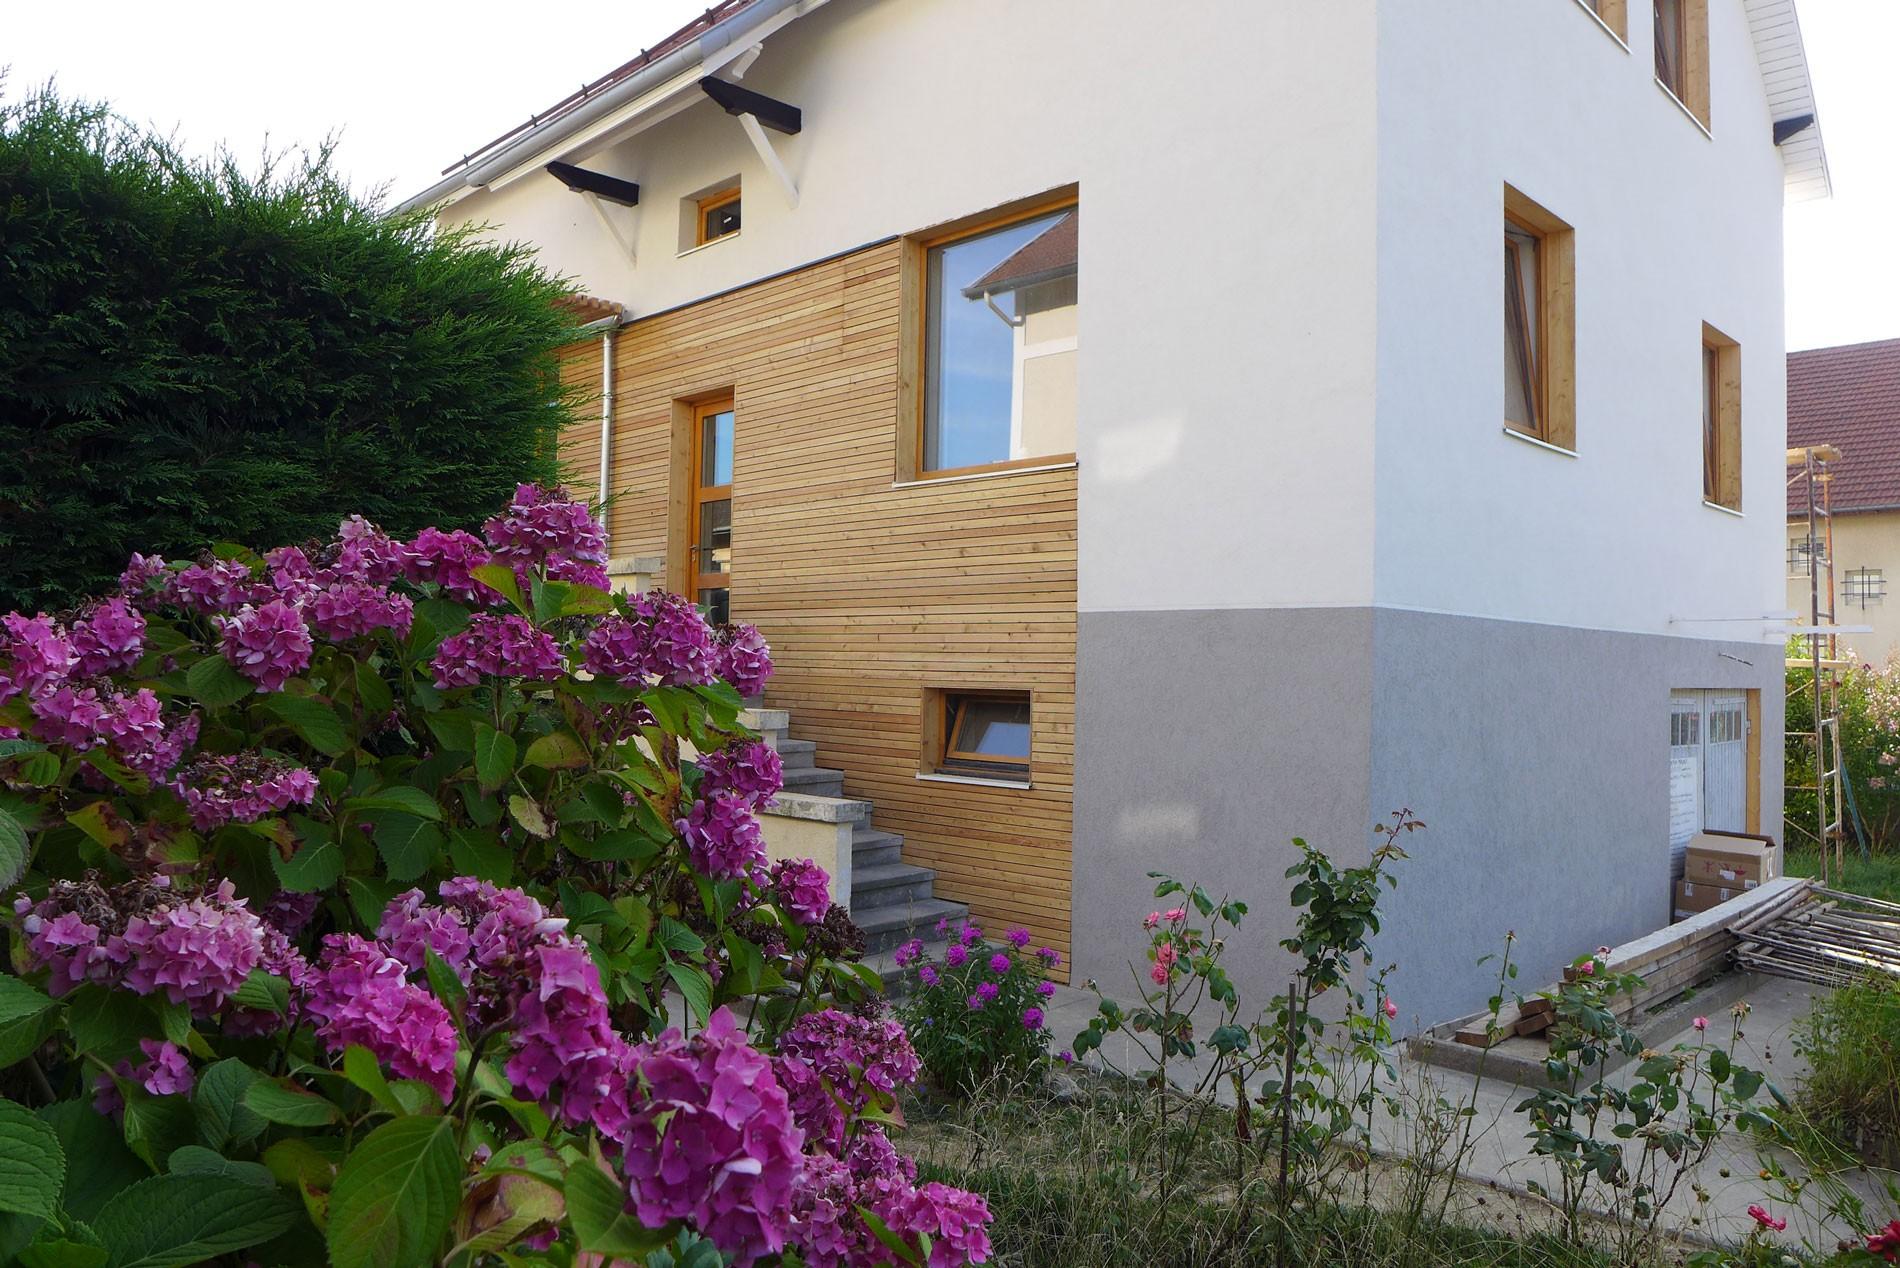 asb-architecture-savoie-chambery-renovation-maison-de-ville-bois-enduit-1